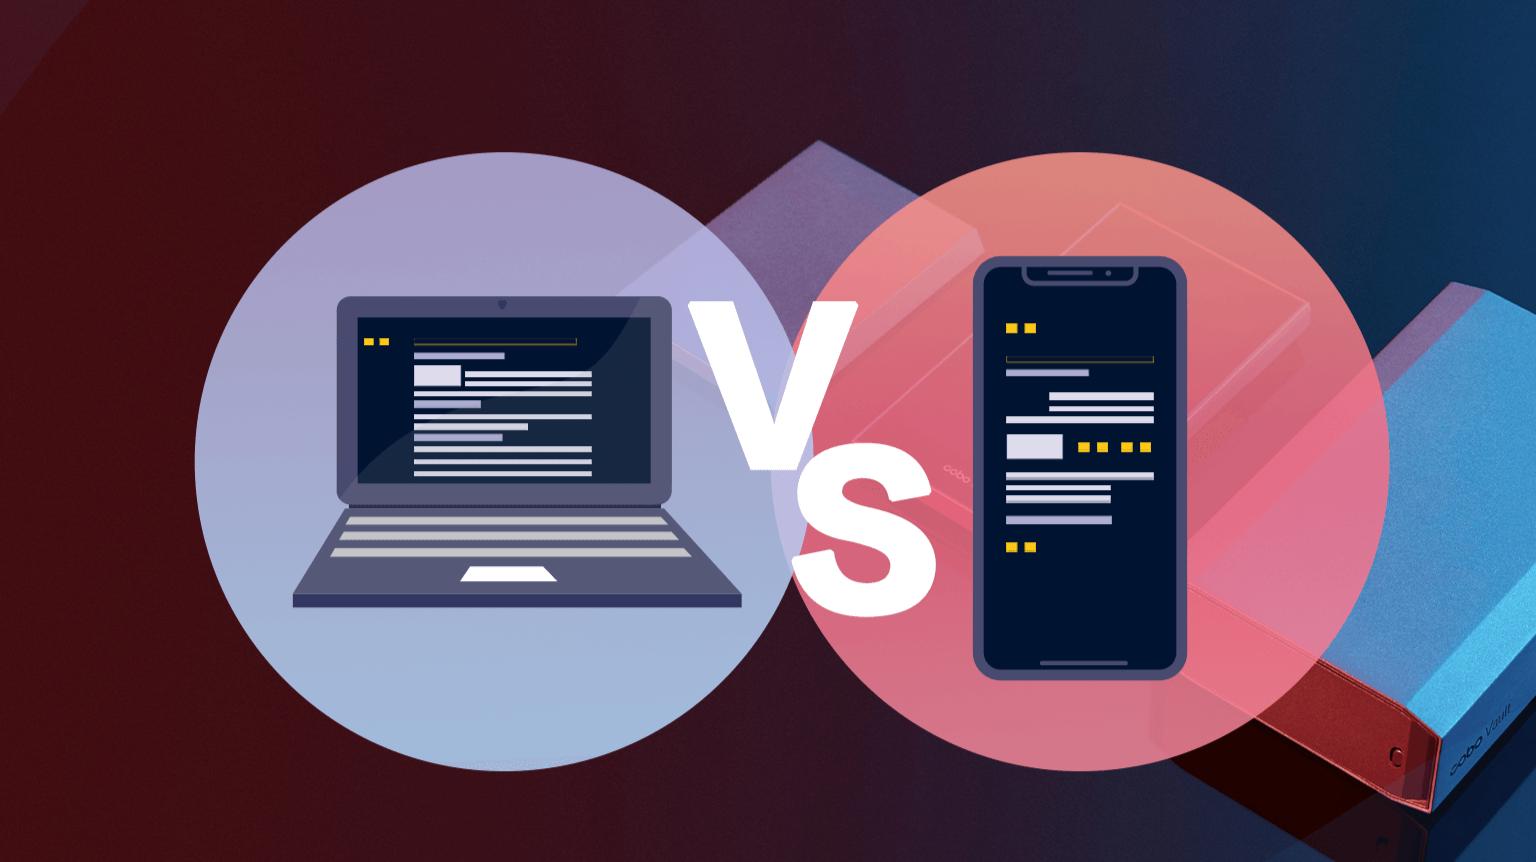 mobile-vs-desktop-companion-app